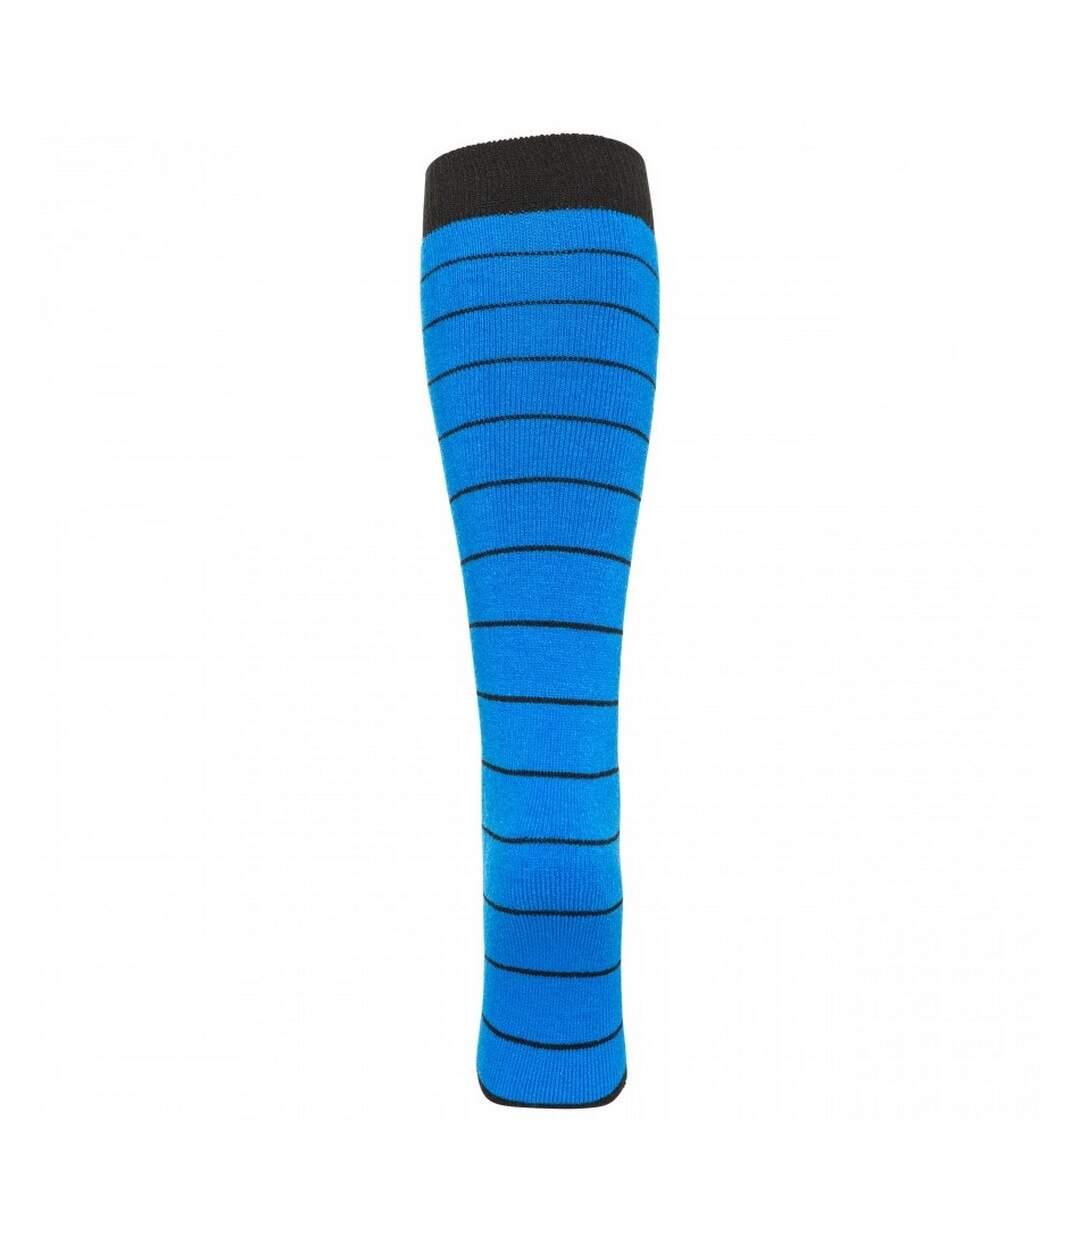 Trespass Mens Toppy Ski Tube Socks (2 Pairs) (Black/Ultramarine) - UTTP875